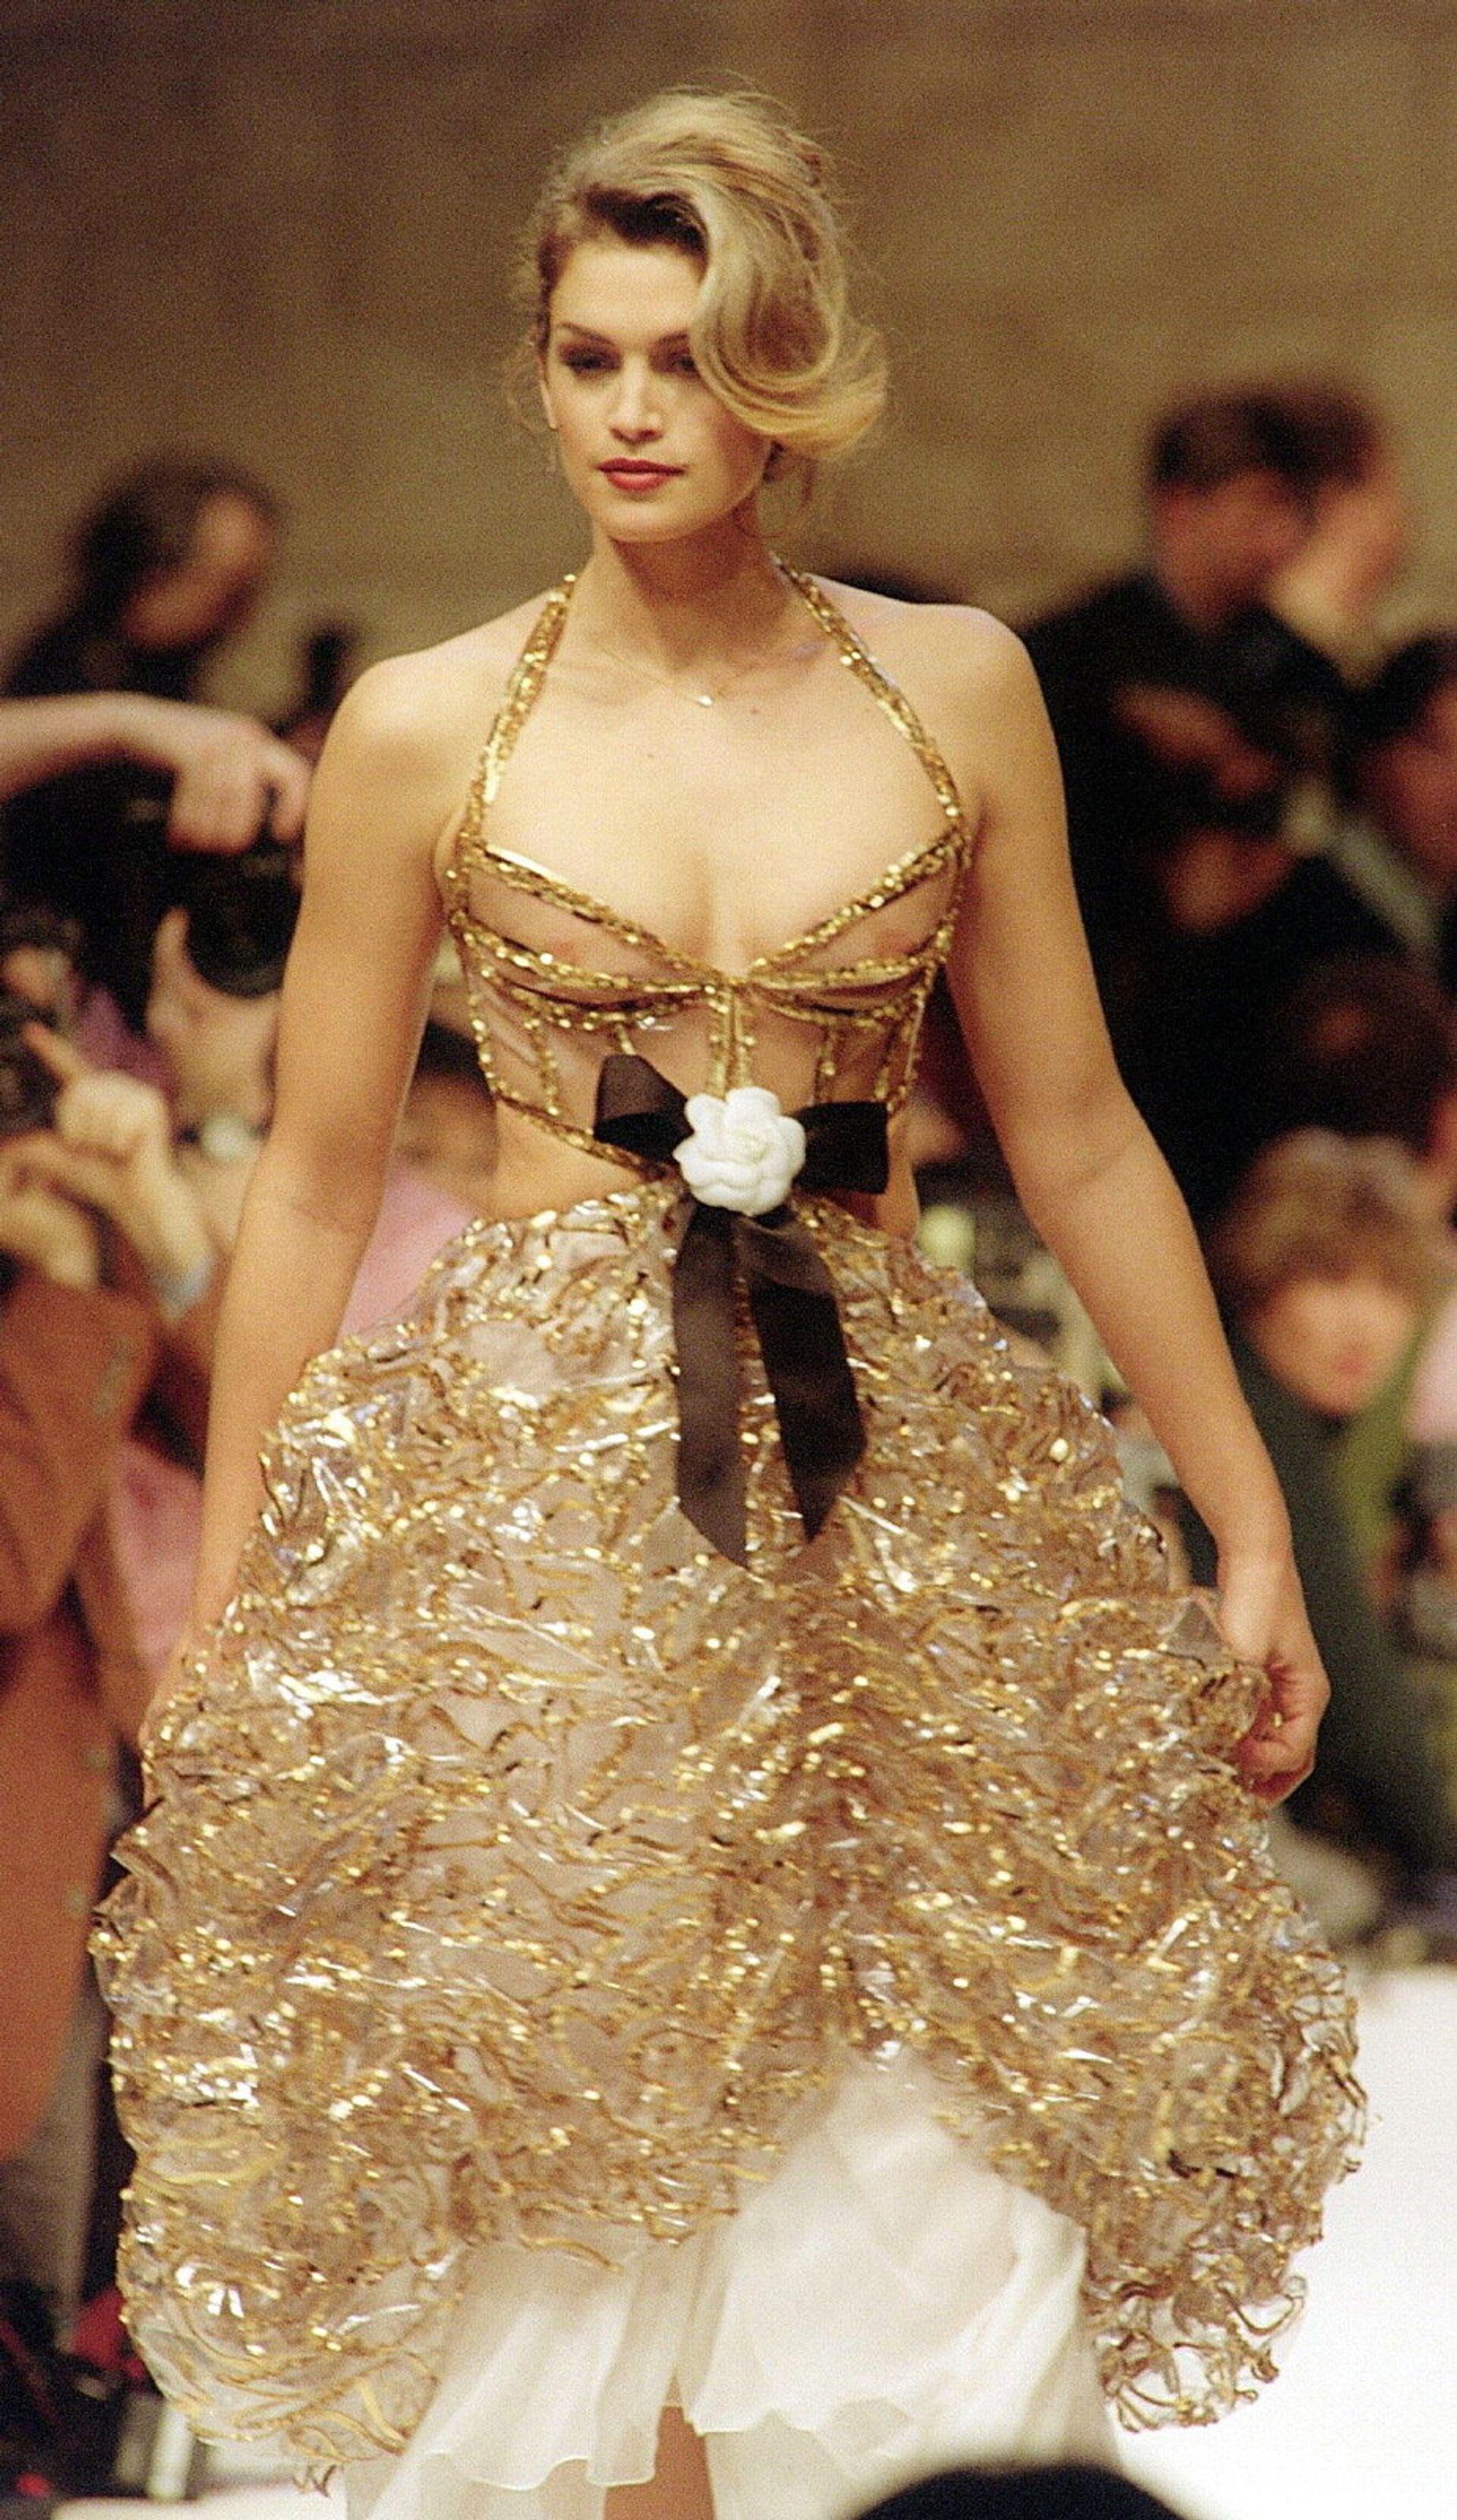 Супермодель Синди Кроуфорд во время показа коллекции Chanel. 1993 - РИА Новости, 1920, 17.02.2021